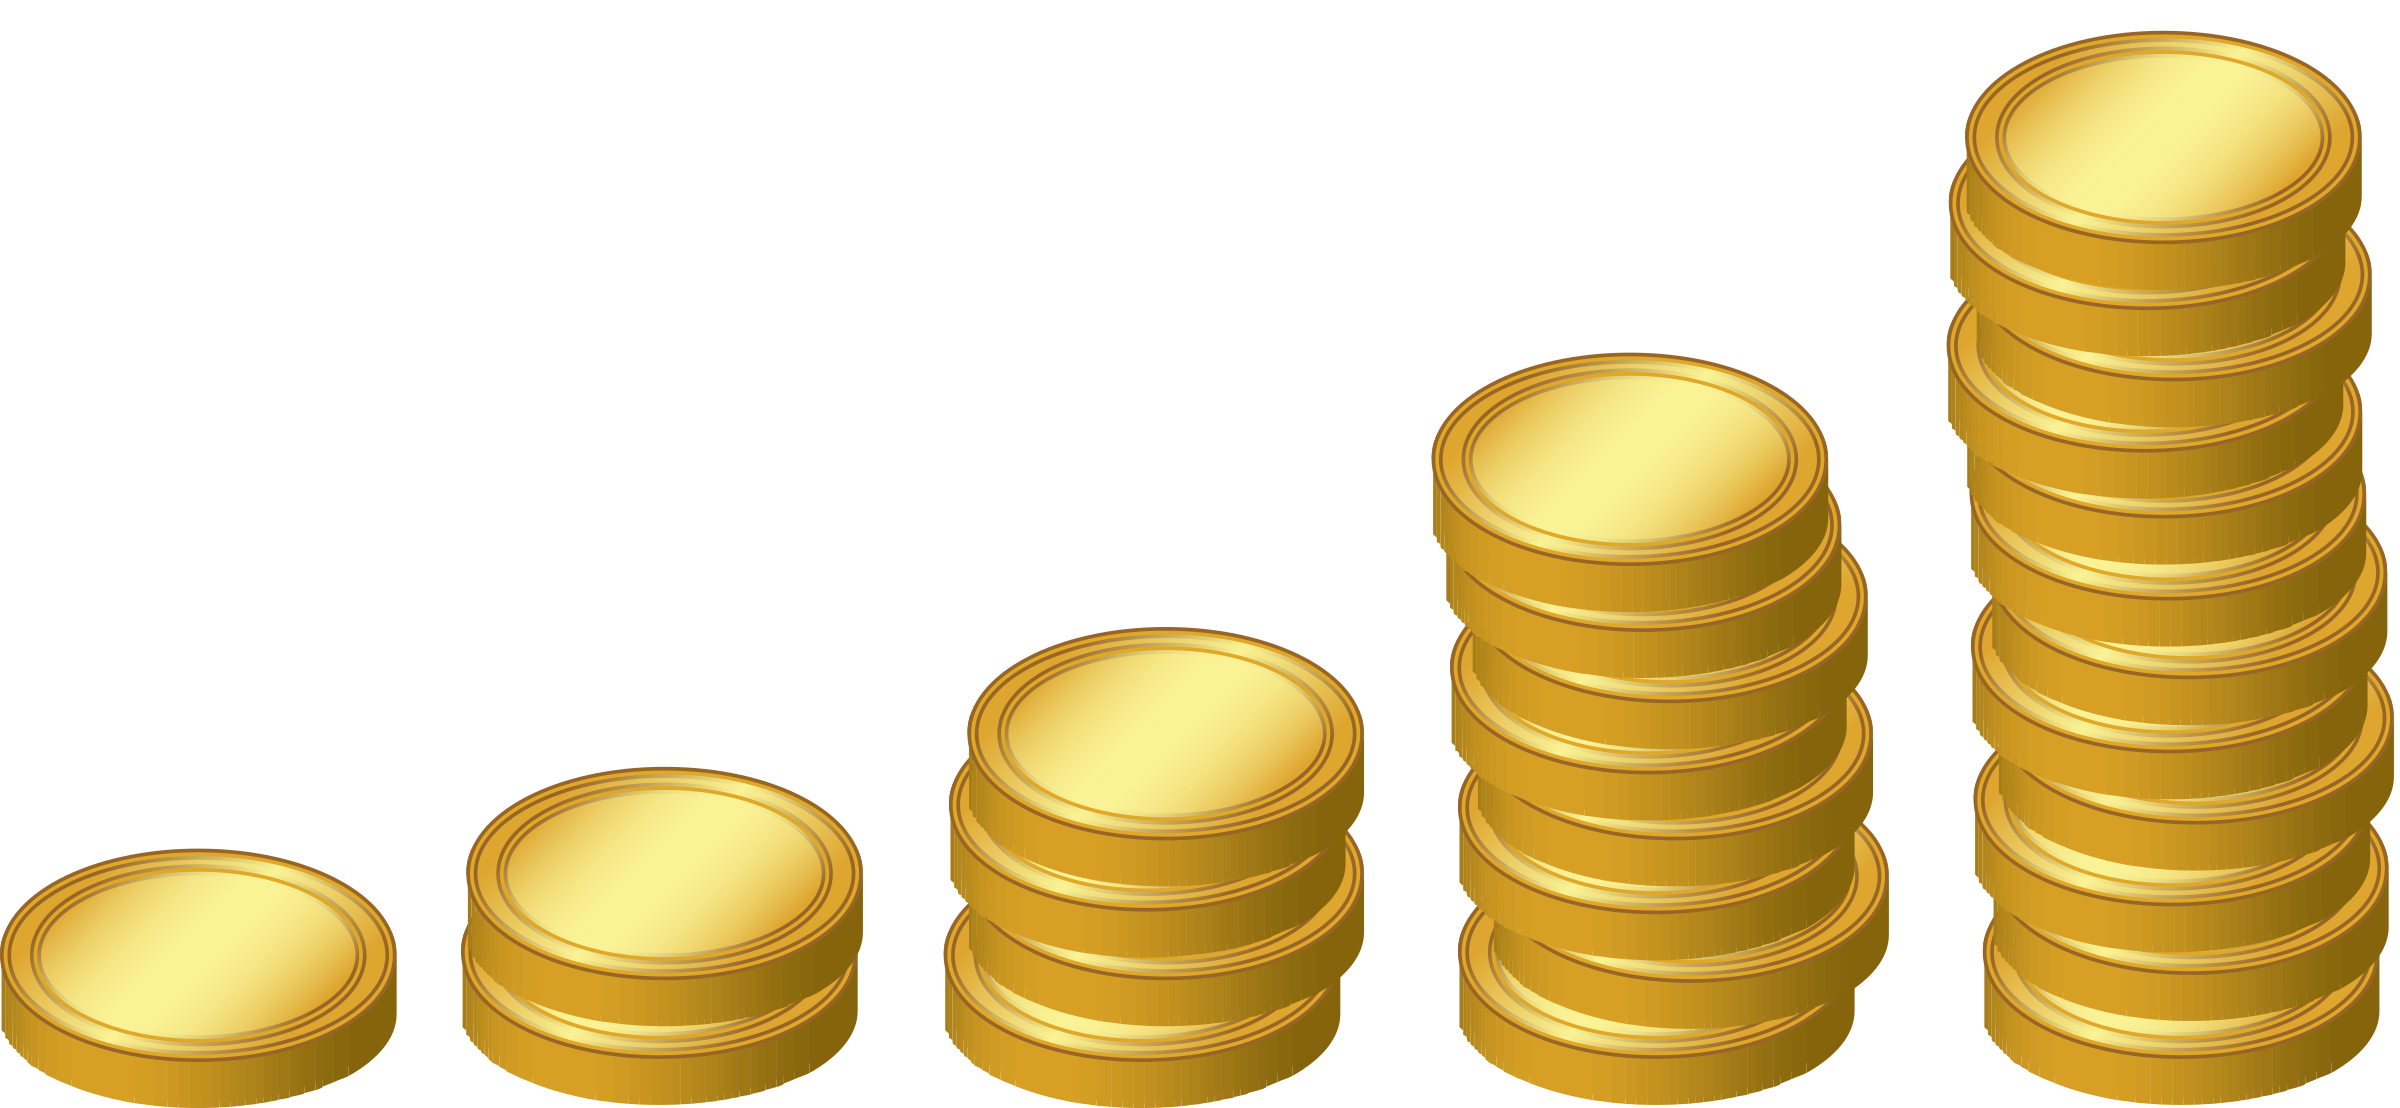 coin finances huge. Newspaper clipart interest